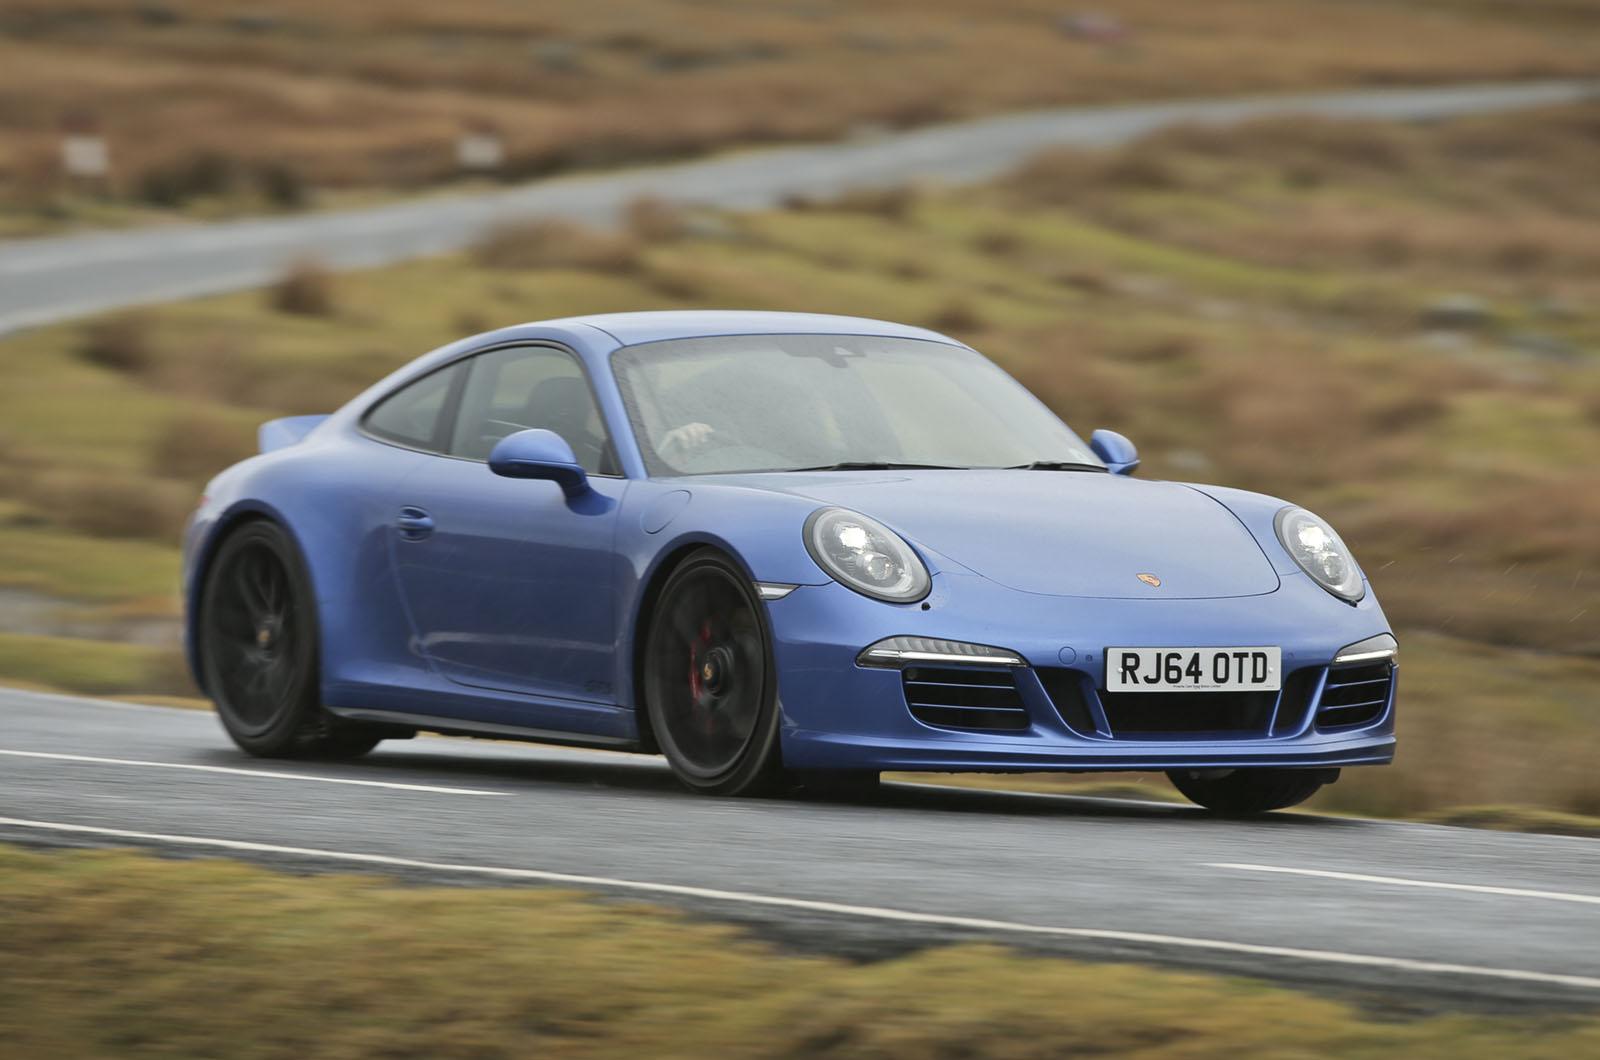 Porsche 911 gt3 rs review 2017 autocar - Porsche 911 Gt3 Rs Review 2017 Autocar 8